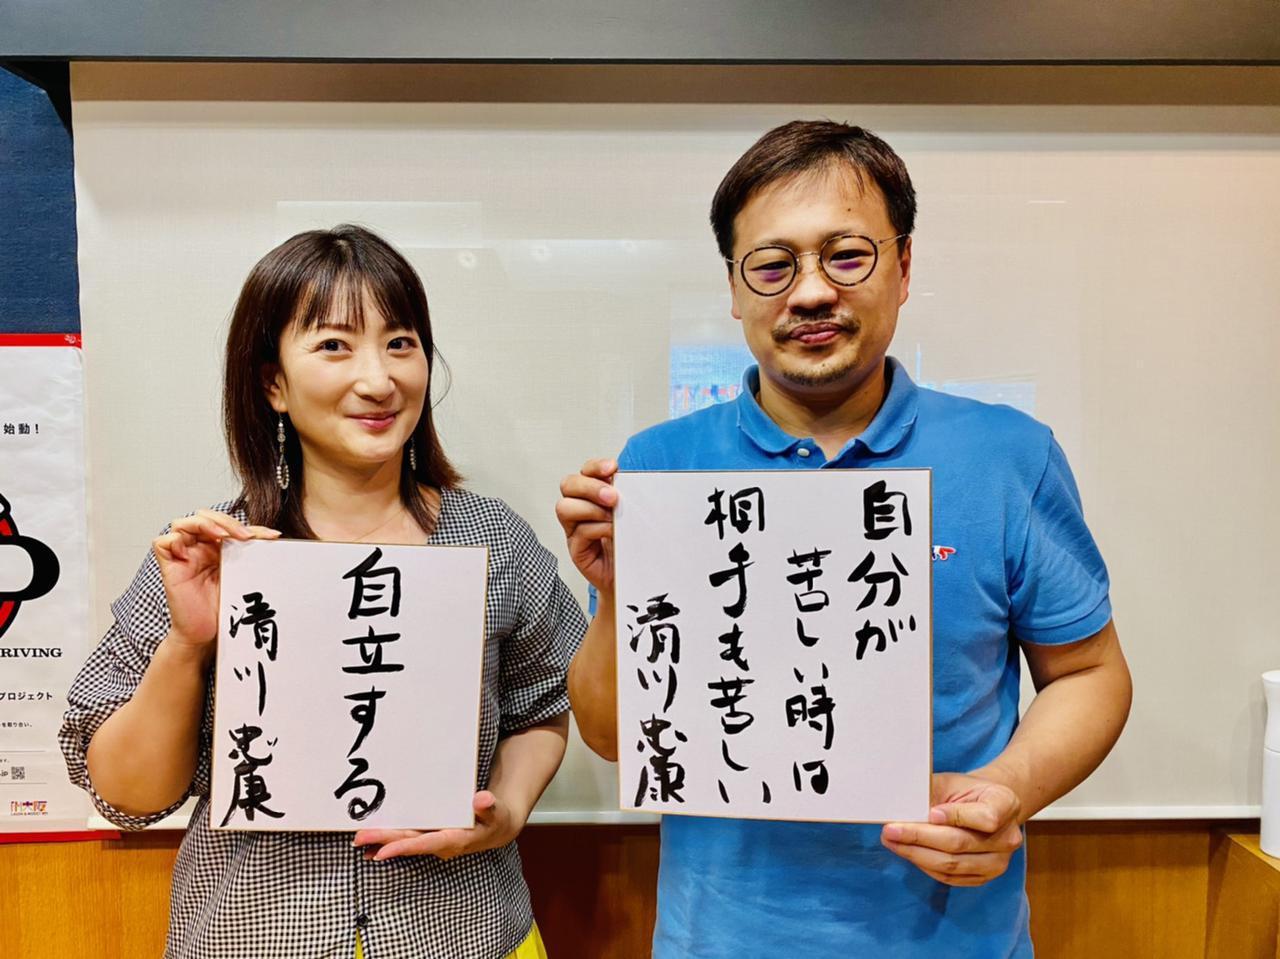 画像: 6/27(日) Game Changer #30 Oh My Glasses 清川社長の直筆色紙をプレゼント! - FM大阪 85.1